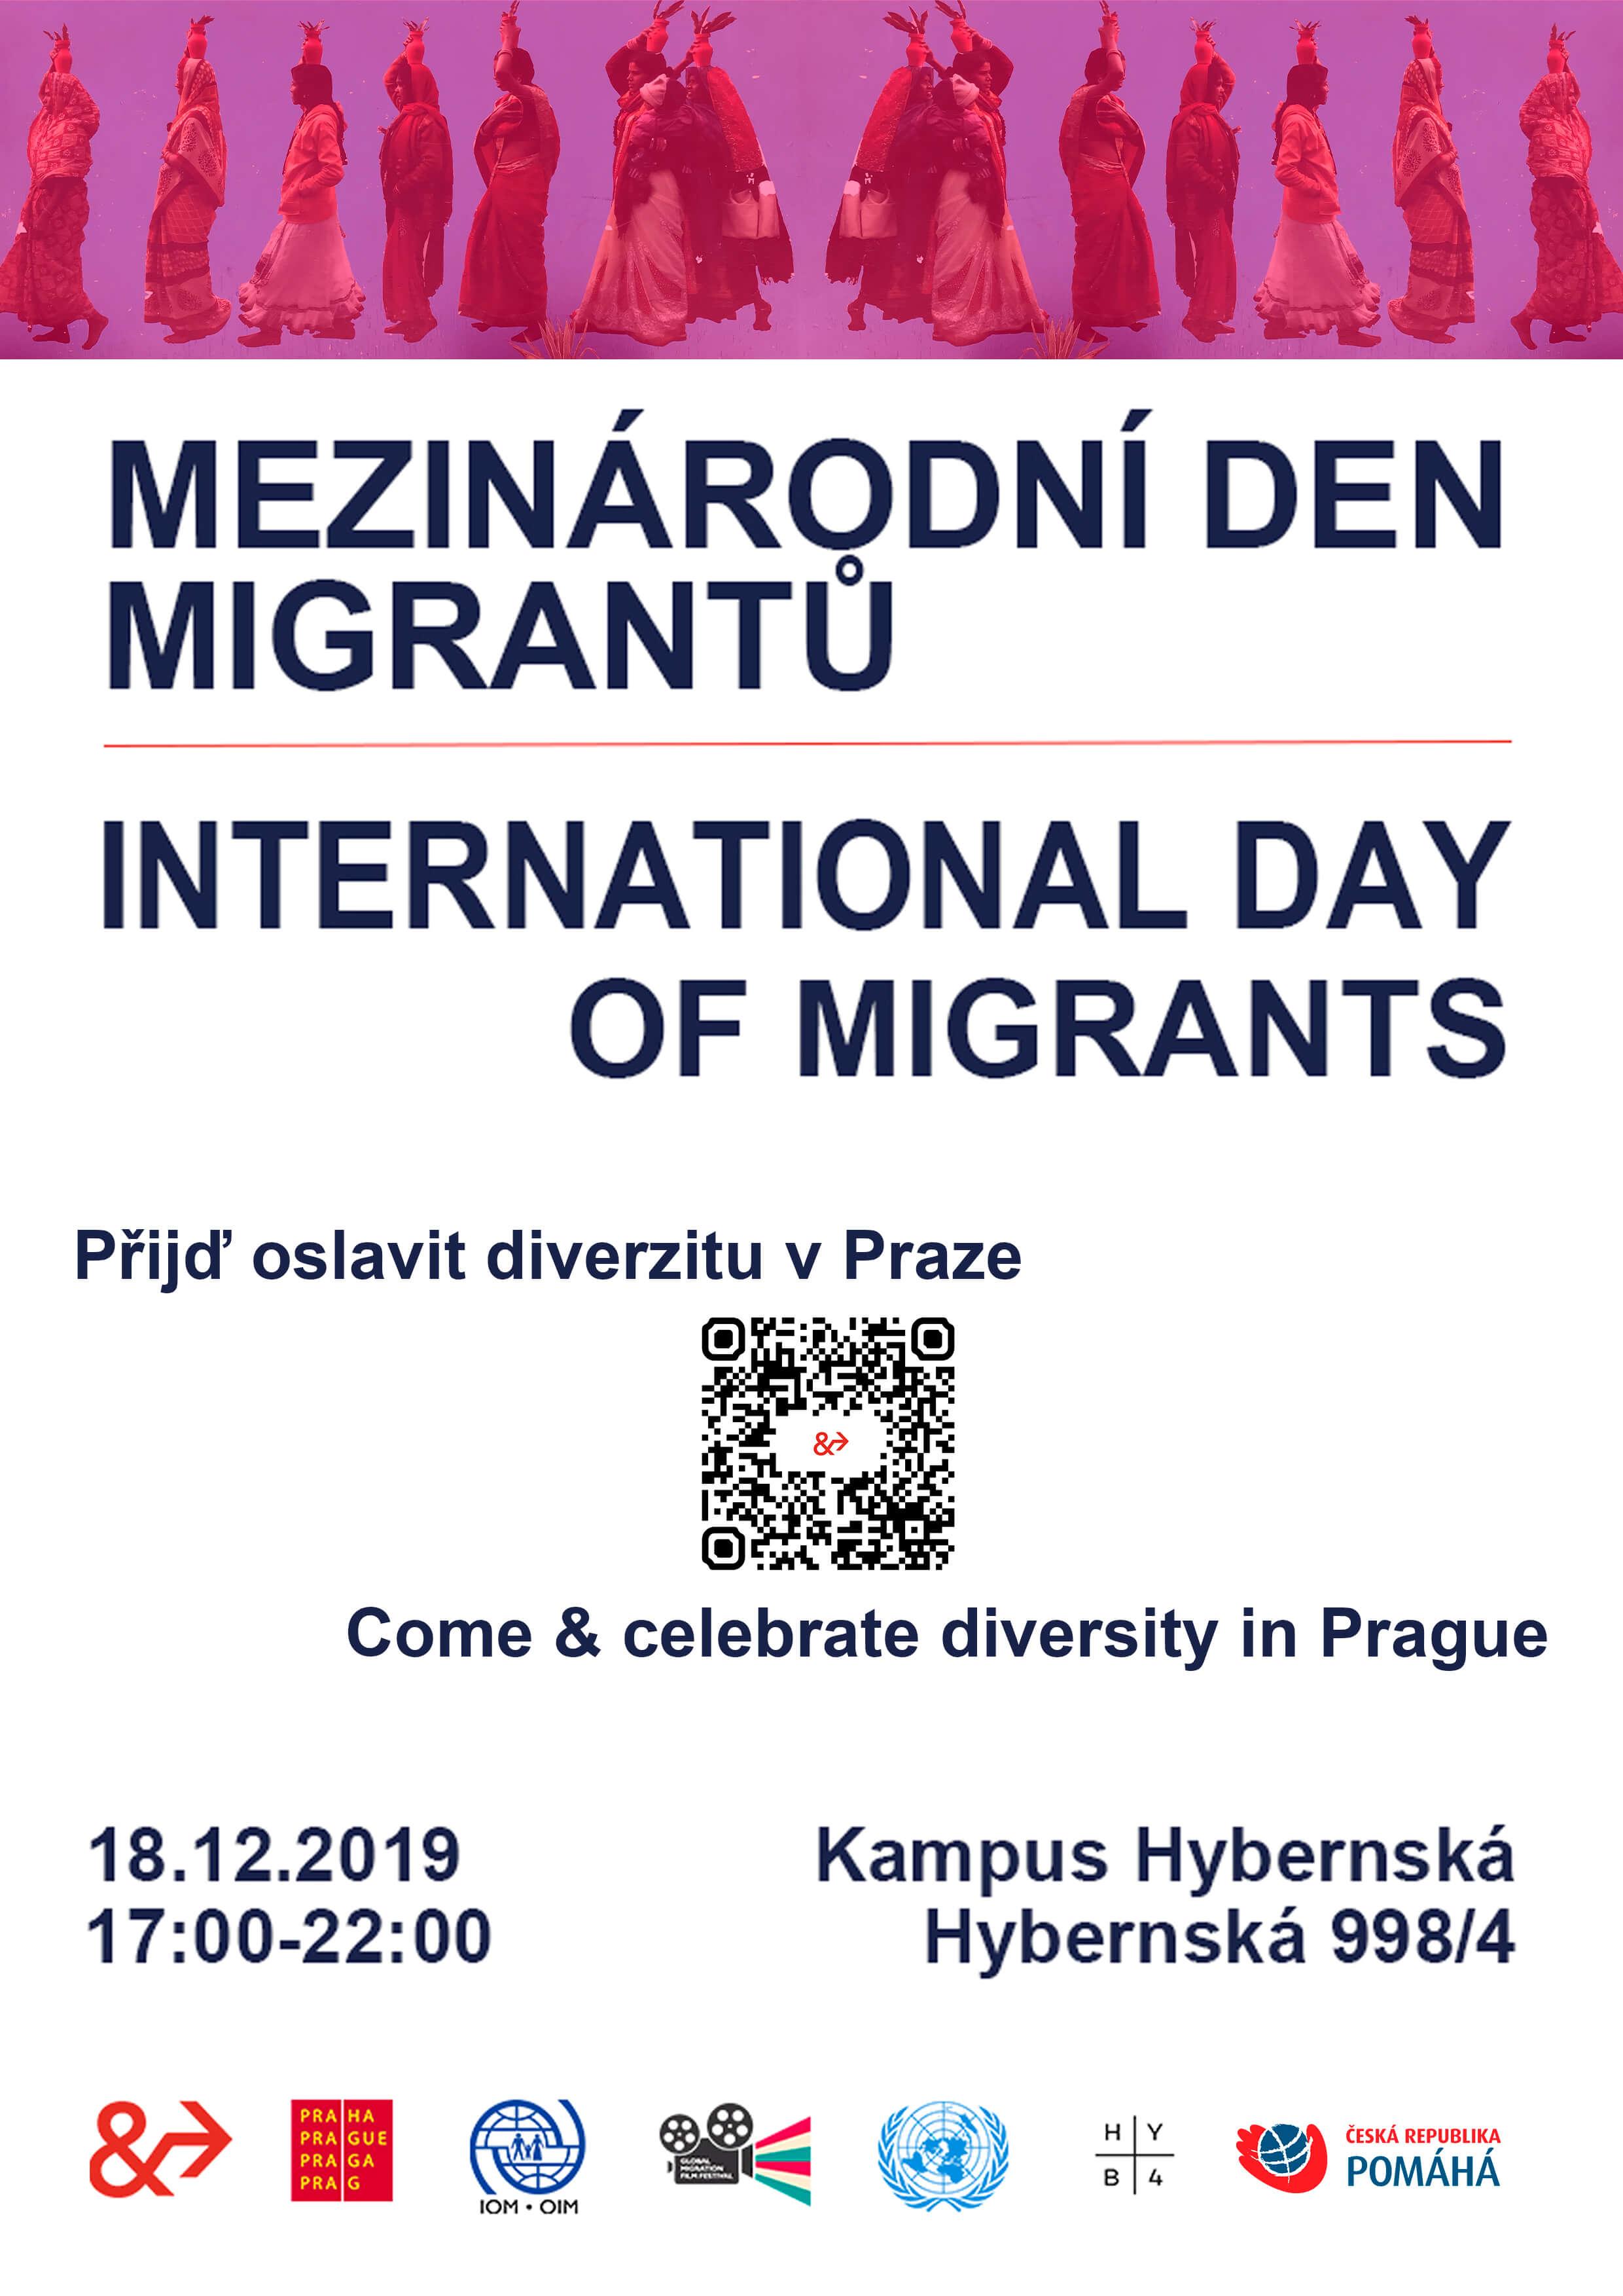 Празднование Международного дня мигрантов 18 декабря представит творчество профессиональных и любительских артистов из рядов пражских иностранцев - Пражский Телеграф